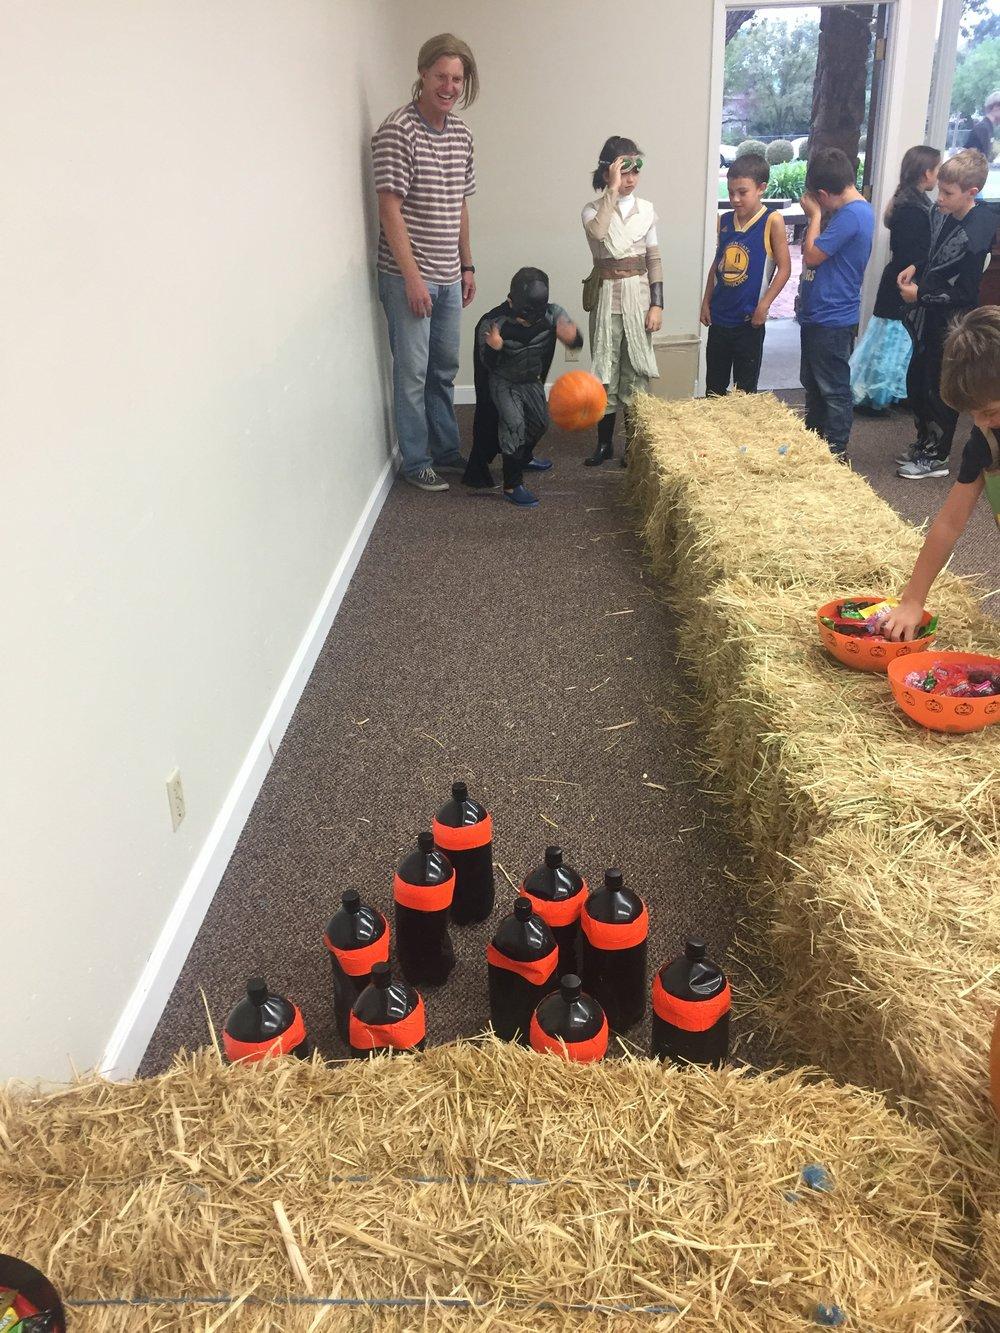 The pumpkin, unfortunately, did not survive.